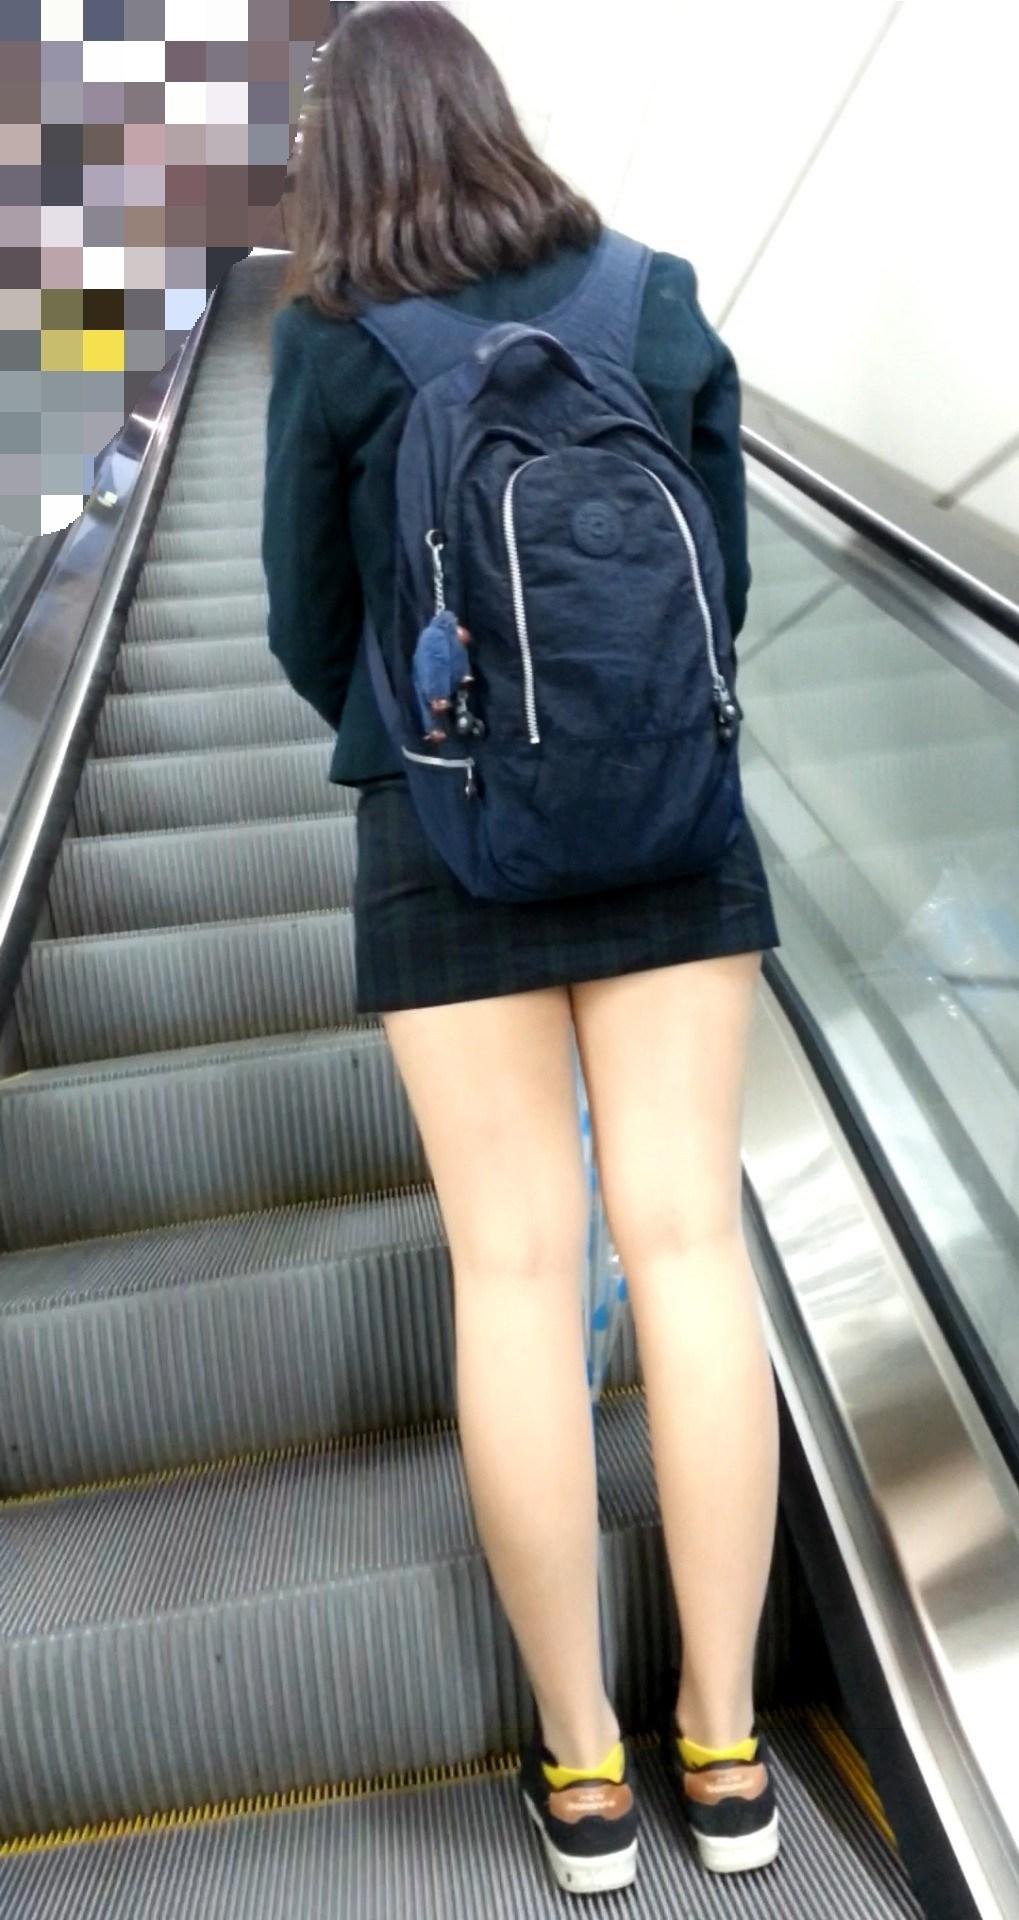 タイトミニの制服がぐうシコすぎる韓国JKがエロ目線でしか見れない件。(画像あり)・12枚目